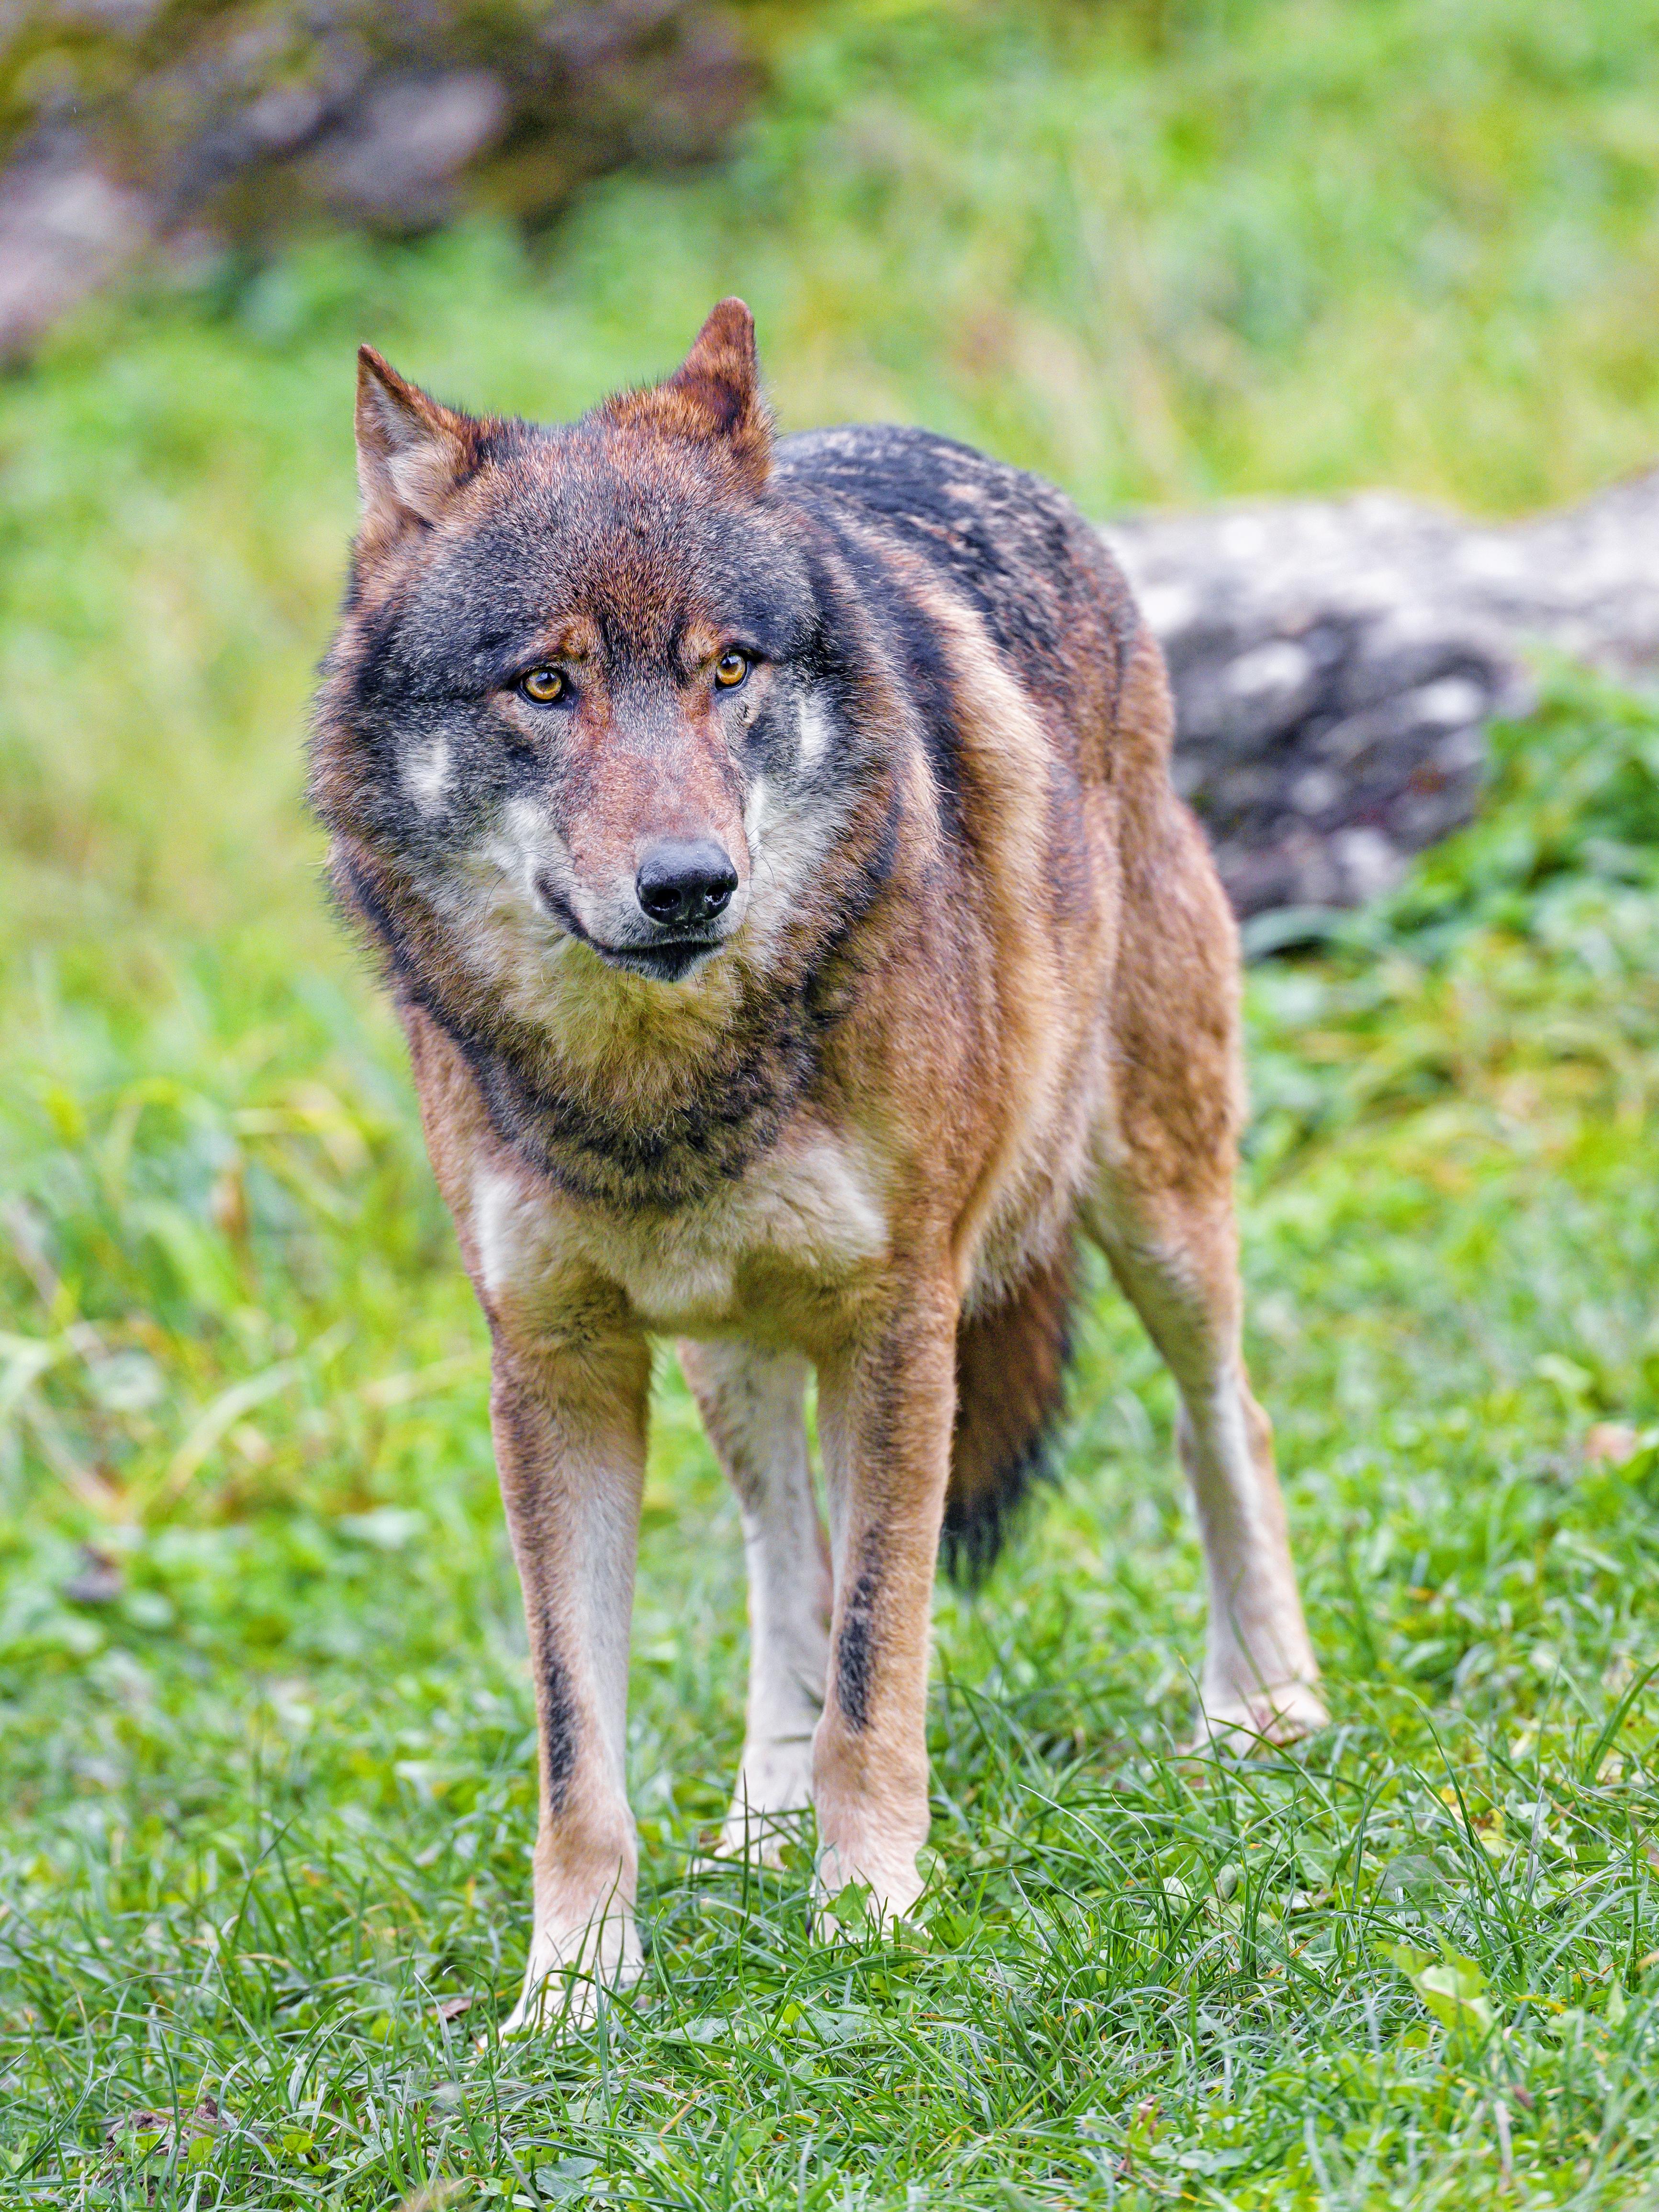 95422 скачать обои Животные, Волк, Хищник, Коричневый, Животное, Дикая Природа - заставки и картинки бесплатно